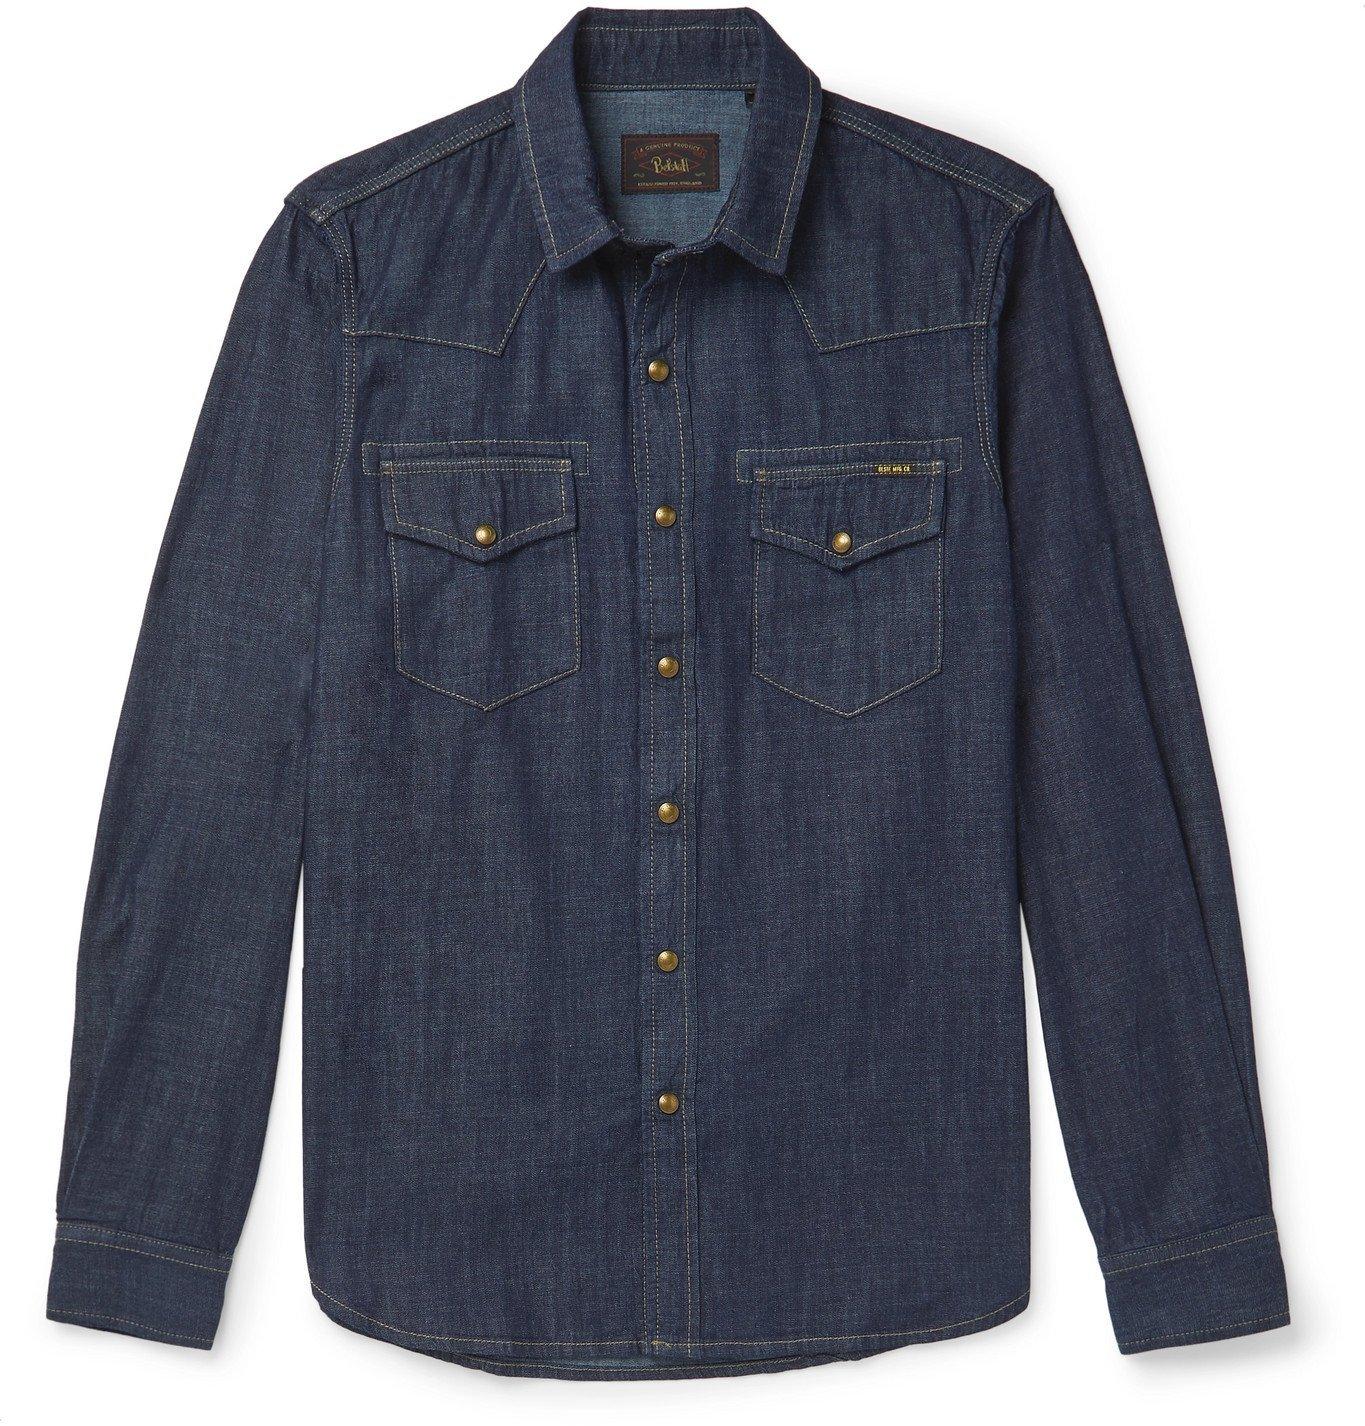 Belstaff - Denim Shirt - Blue